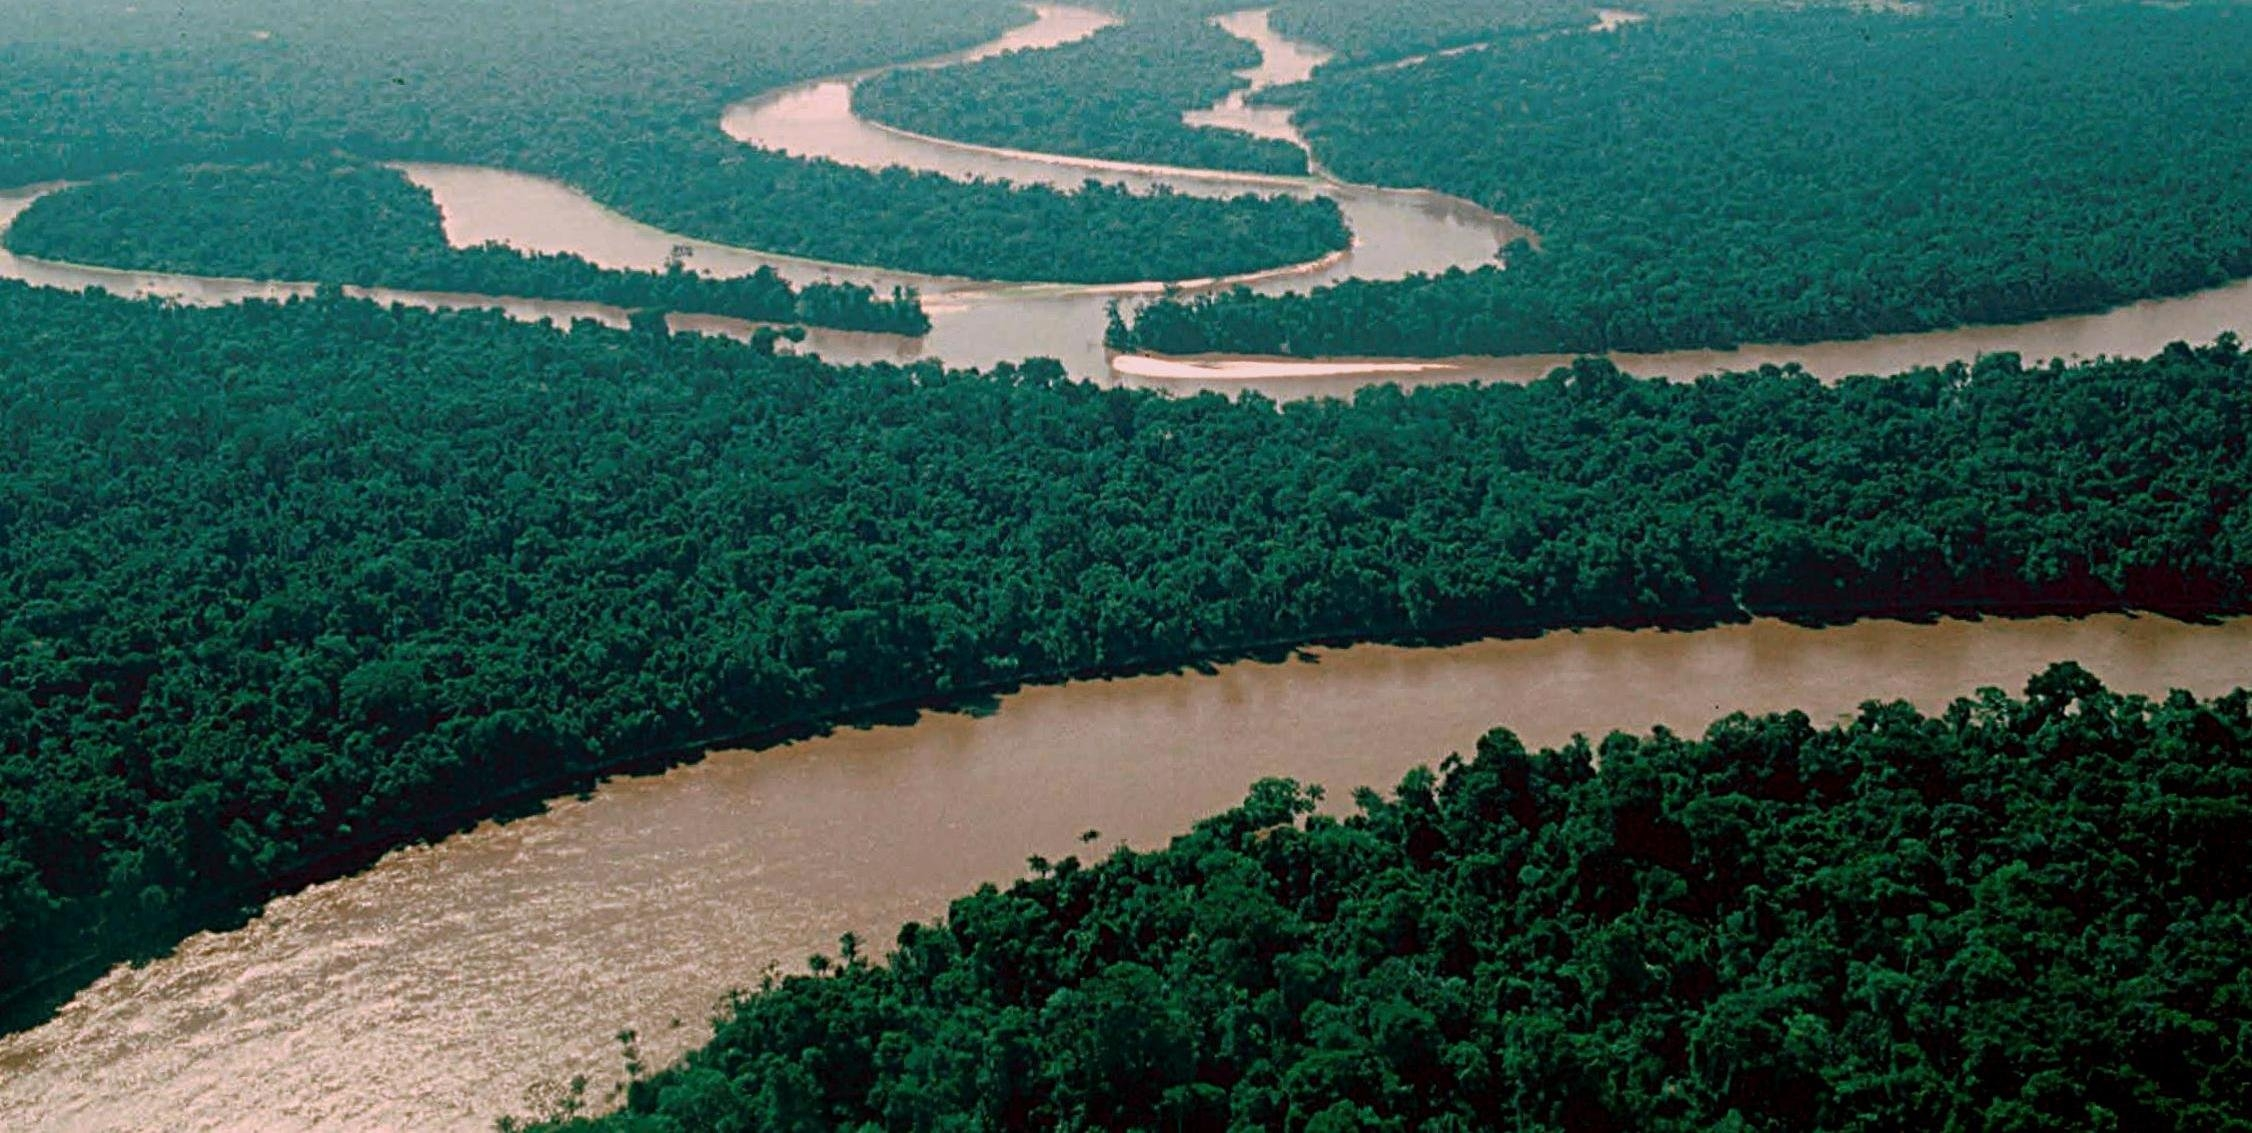 Microsoft ayuda a proteger la selva amazónica con su proyecto de IA